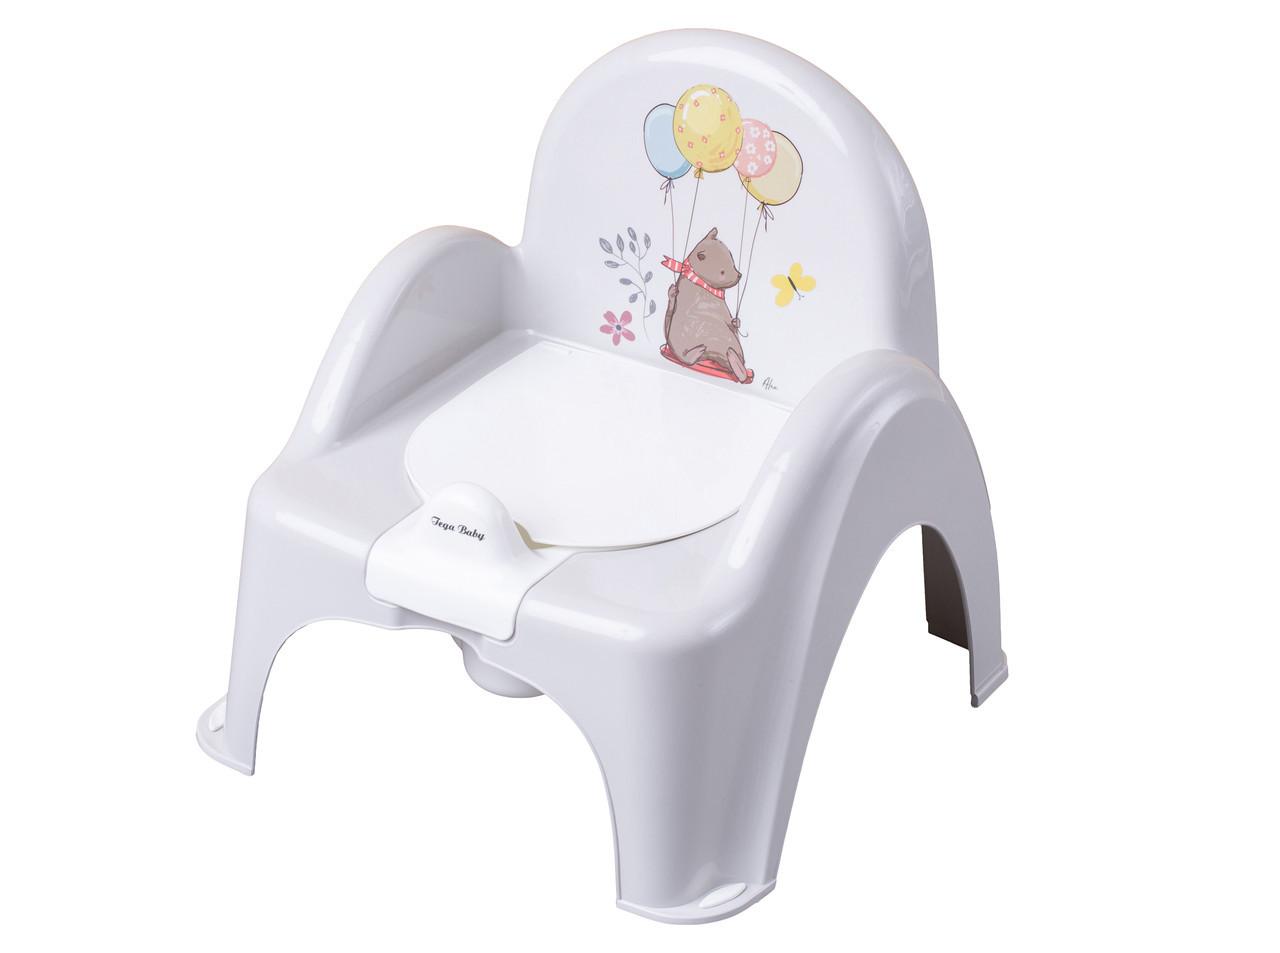 Горшок-стульчик Tega Baby Лесная Сказка Бежевый